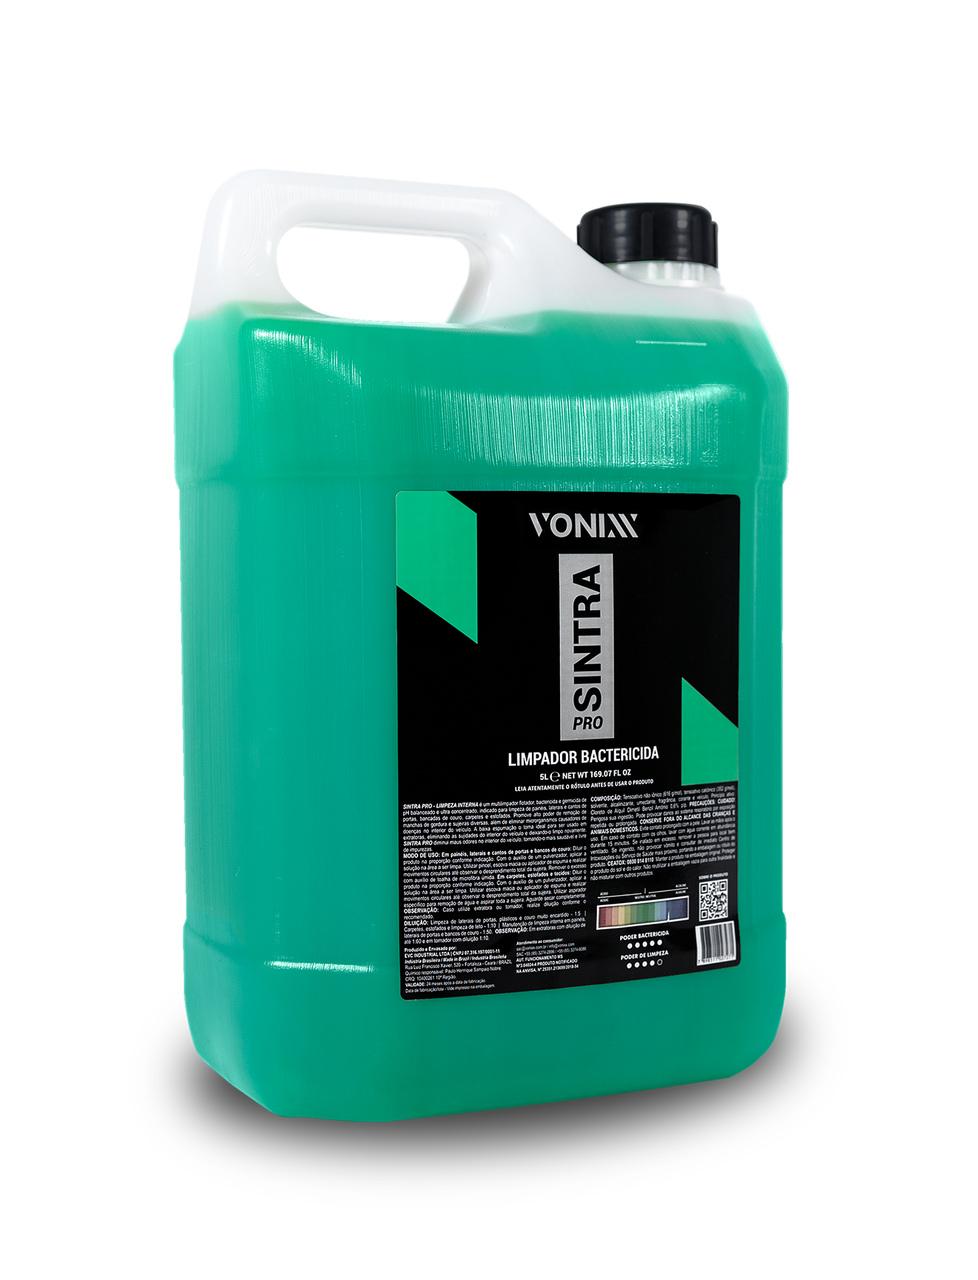 Limpador Bactericida Para Limpeza Interna de Veículos Sintra Pro 5L Vonixx